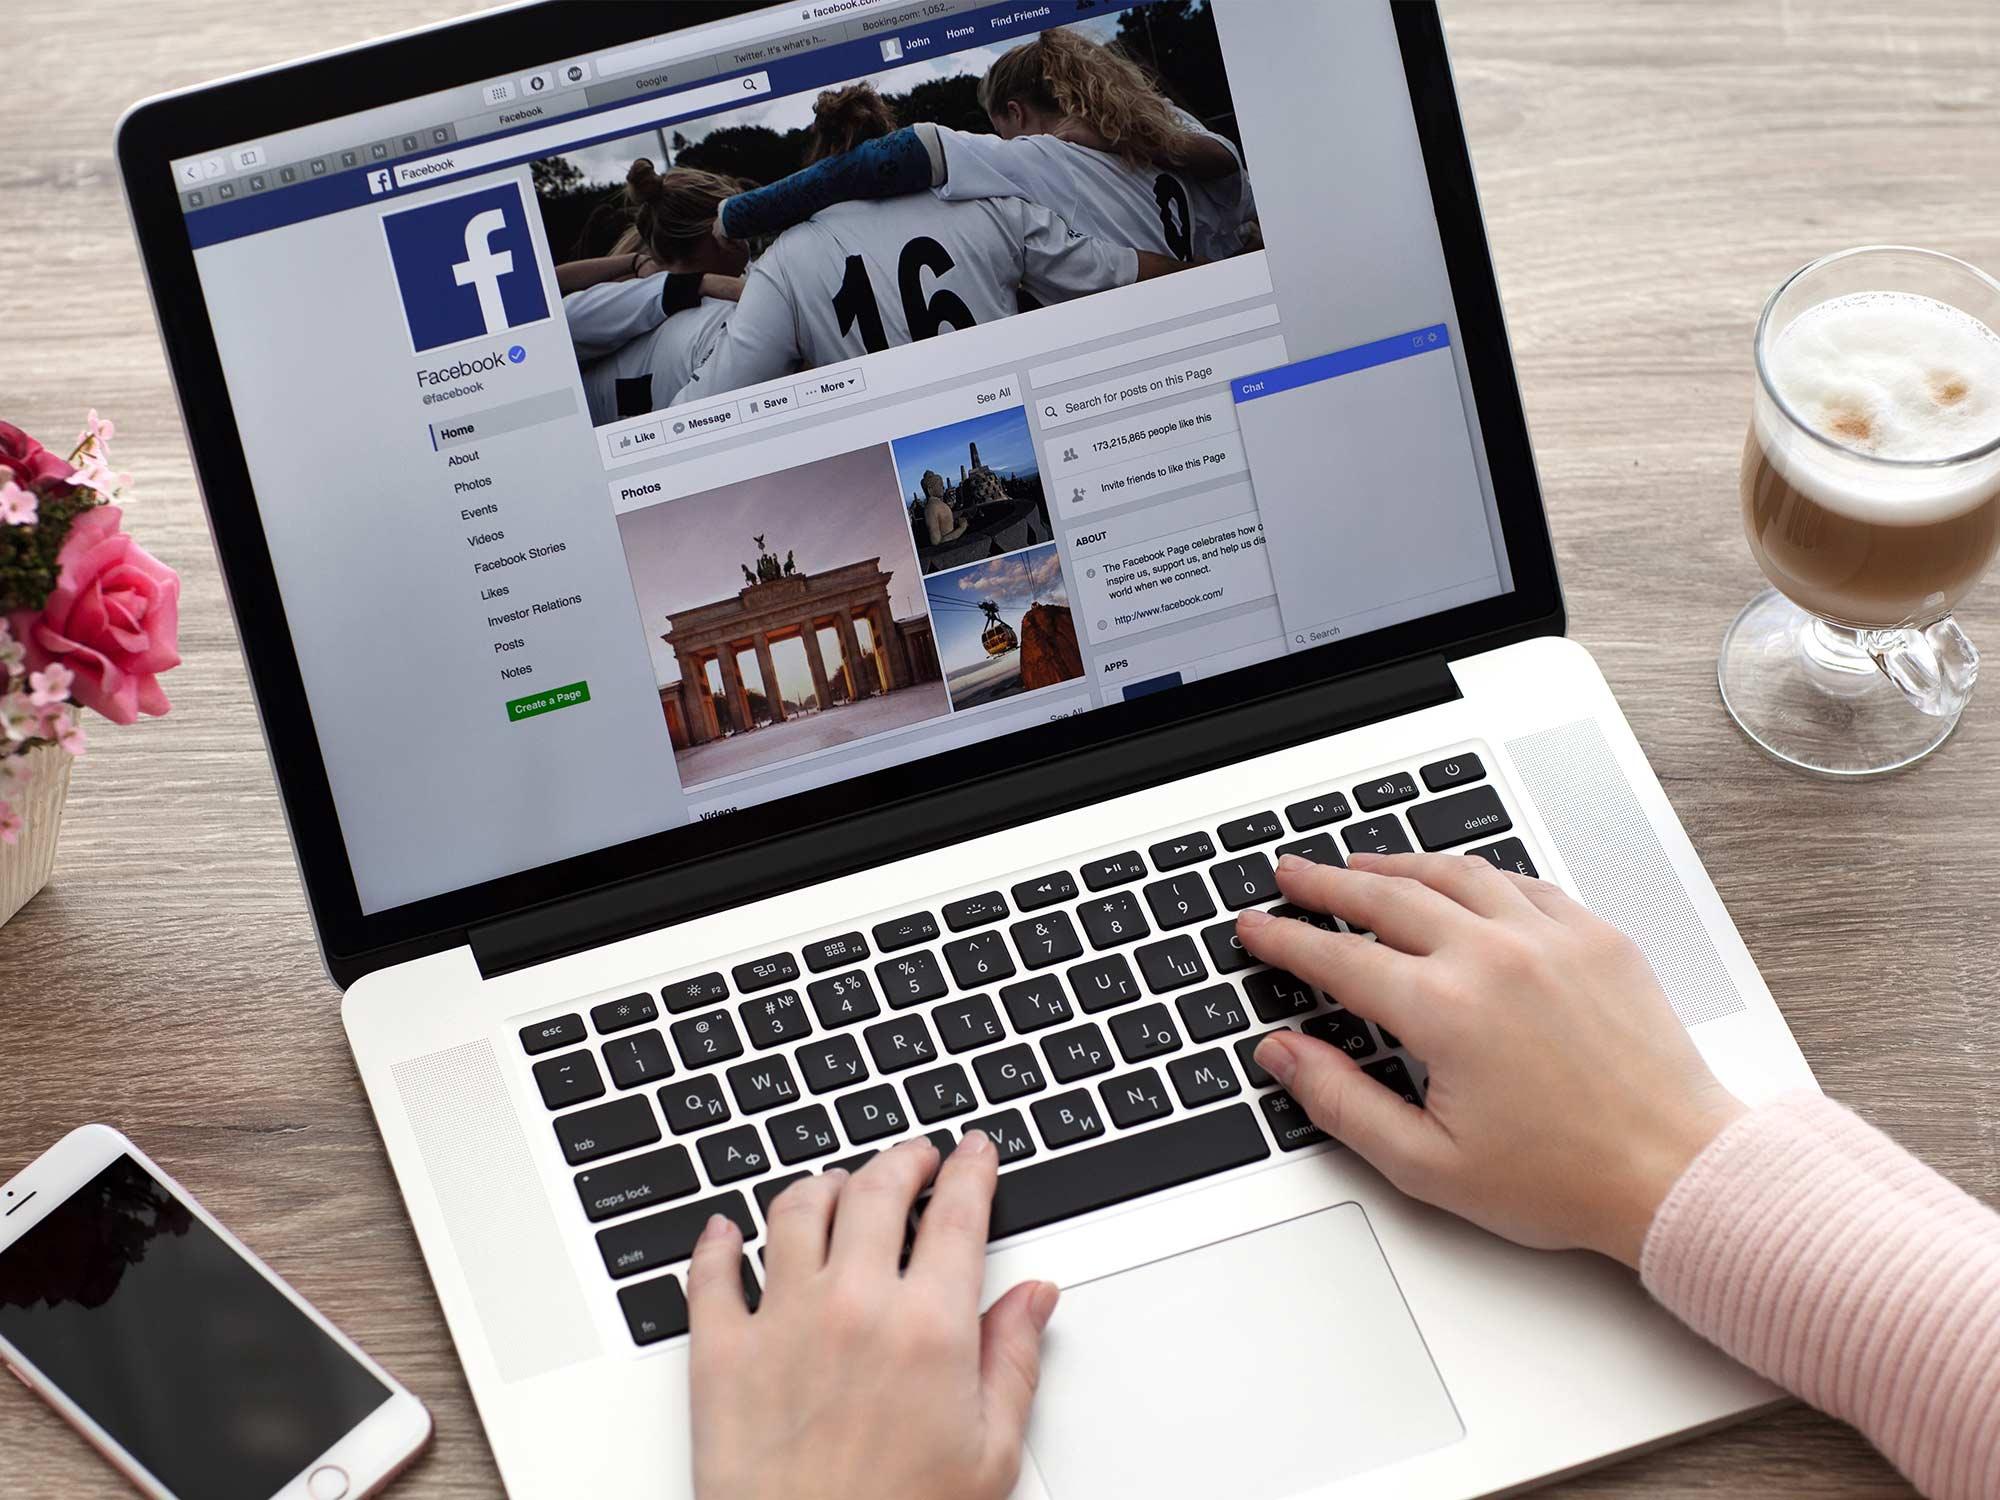 facebook news sharing agence communication social media